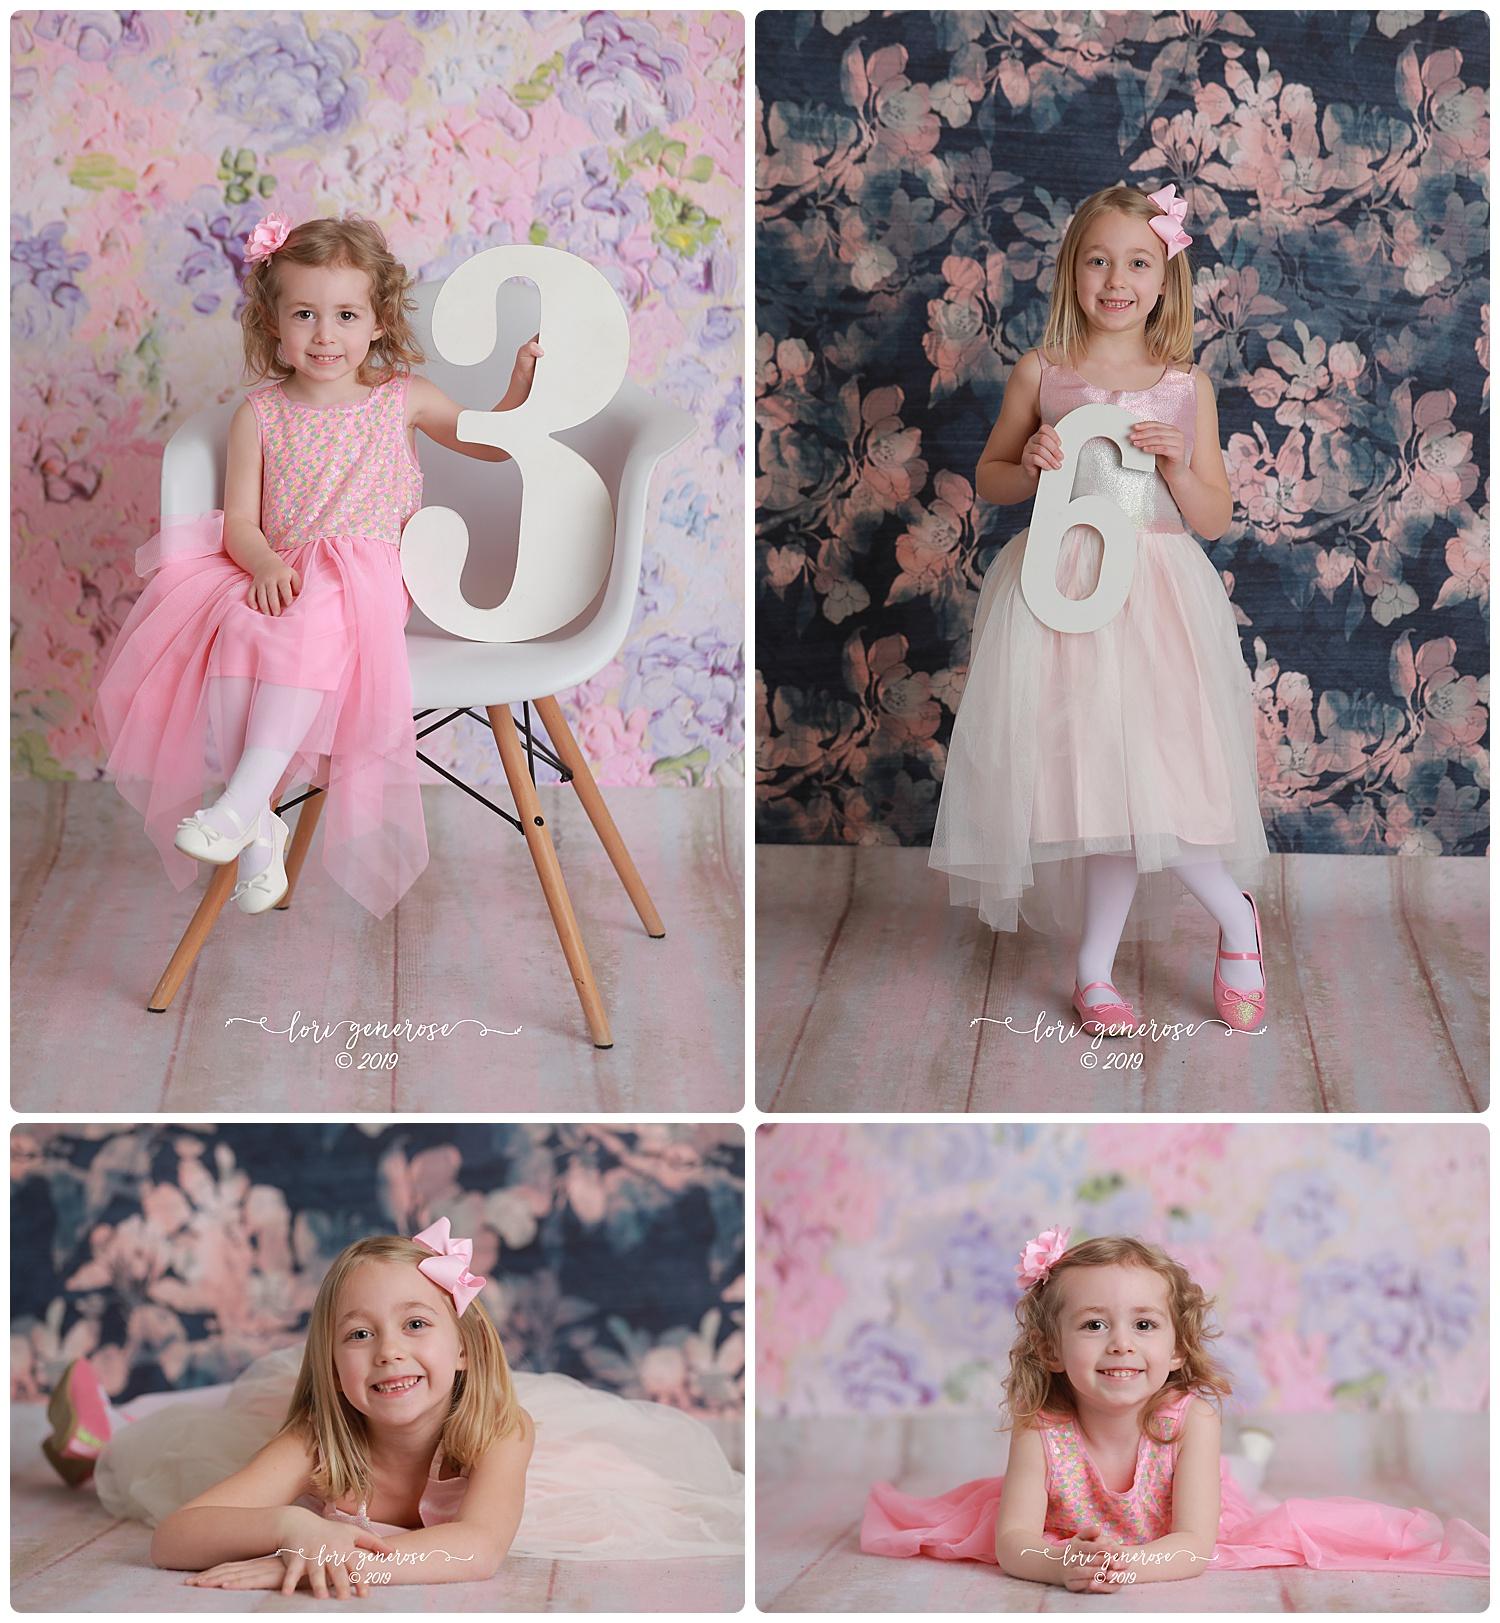 lgphotographyflowerbackdrops3rdbirthdaygirl6thbirthdaygirlfloralthemebirthday.jpg